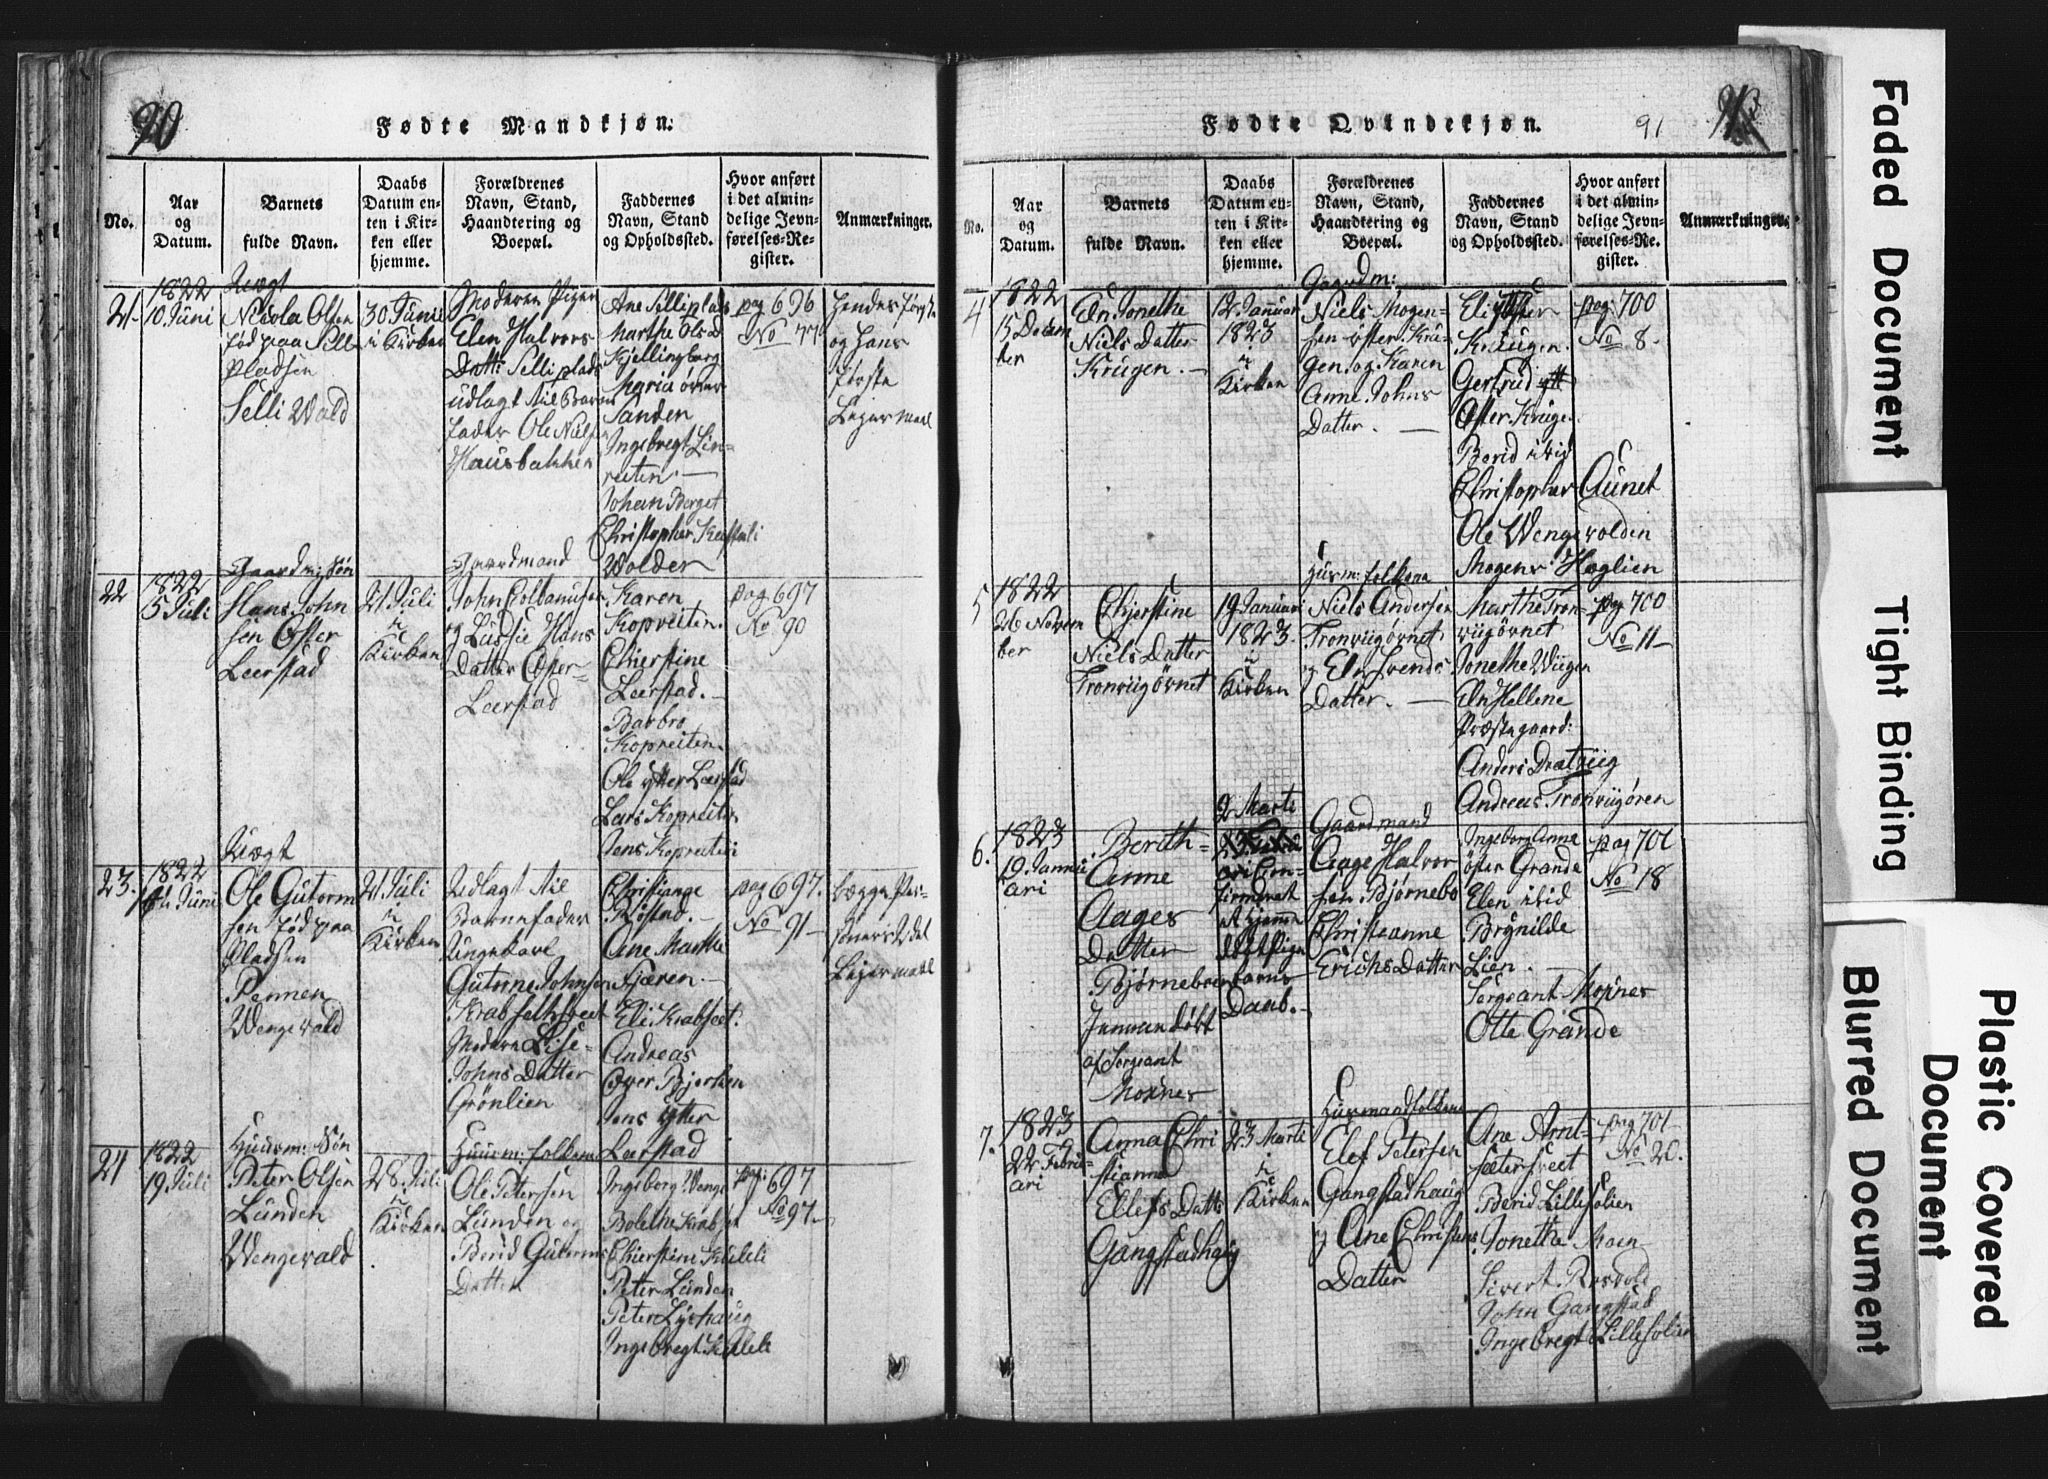 SAT, Ministerialprotokoller, klokkerbøker og fødselsregistre - Nord-Trøndelag, 701/L0017: Klokkerbok nr. 701C01, 1817-1825, s. 90-91